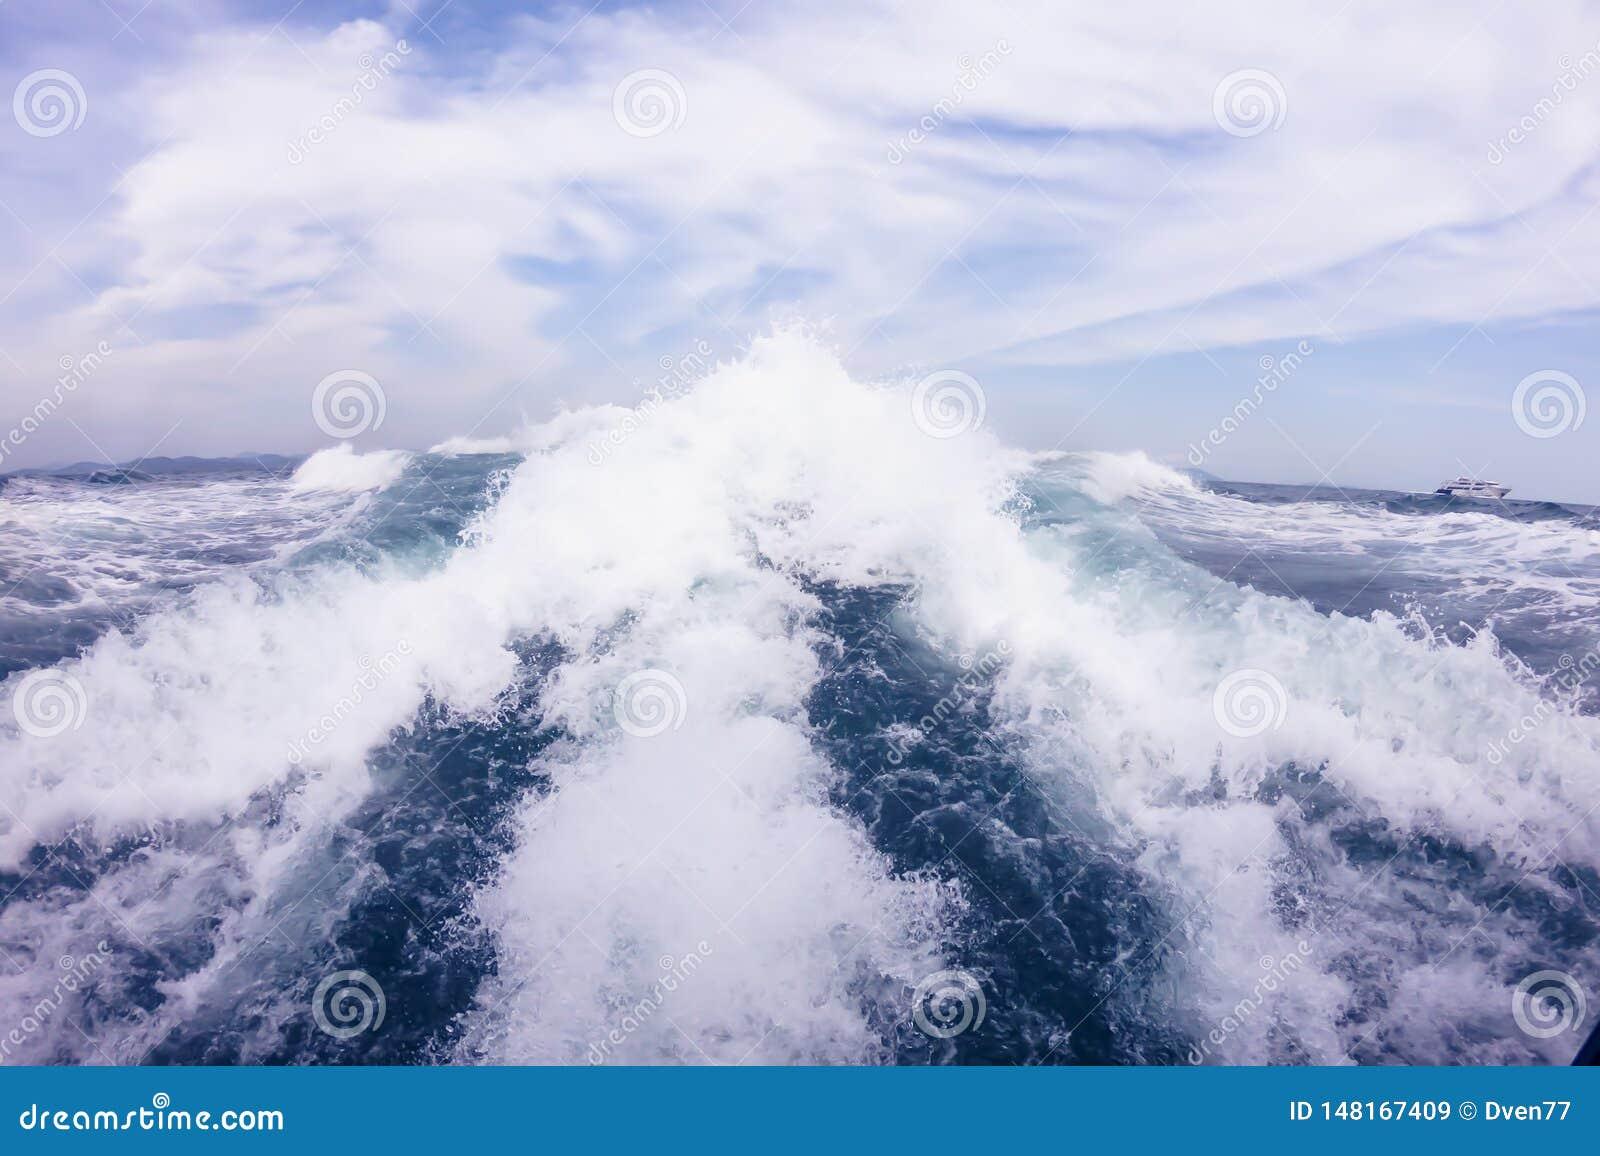 Grandes vagues du moteur derrière le hors-bord sur les hautes mers Ciel bleu avec les nuages blancs